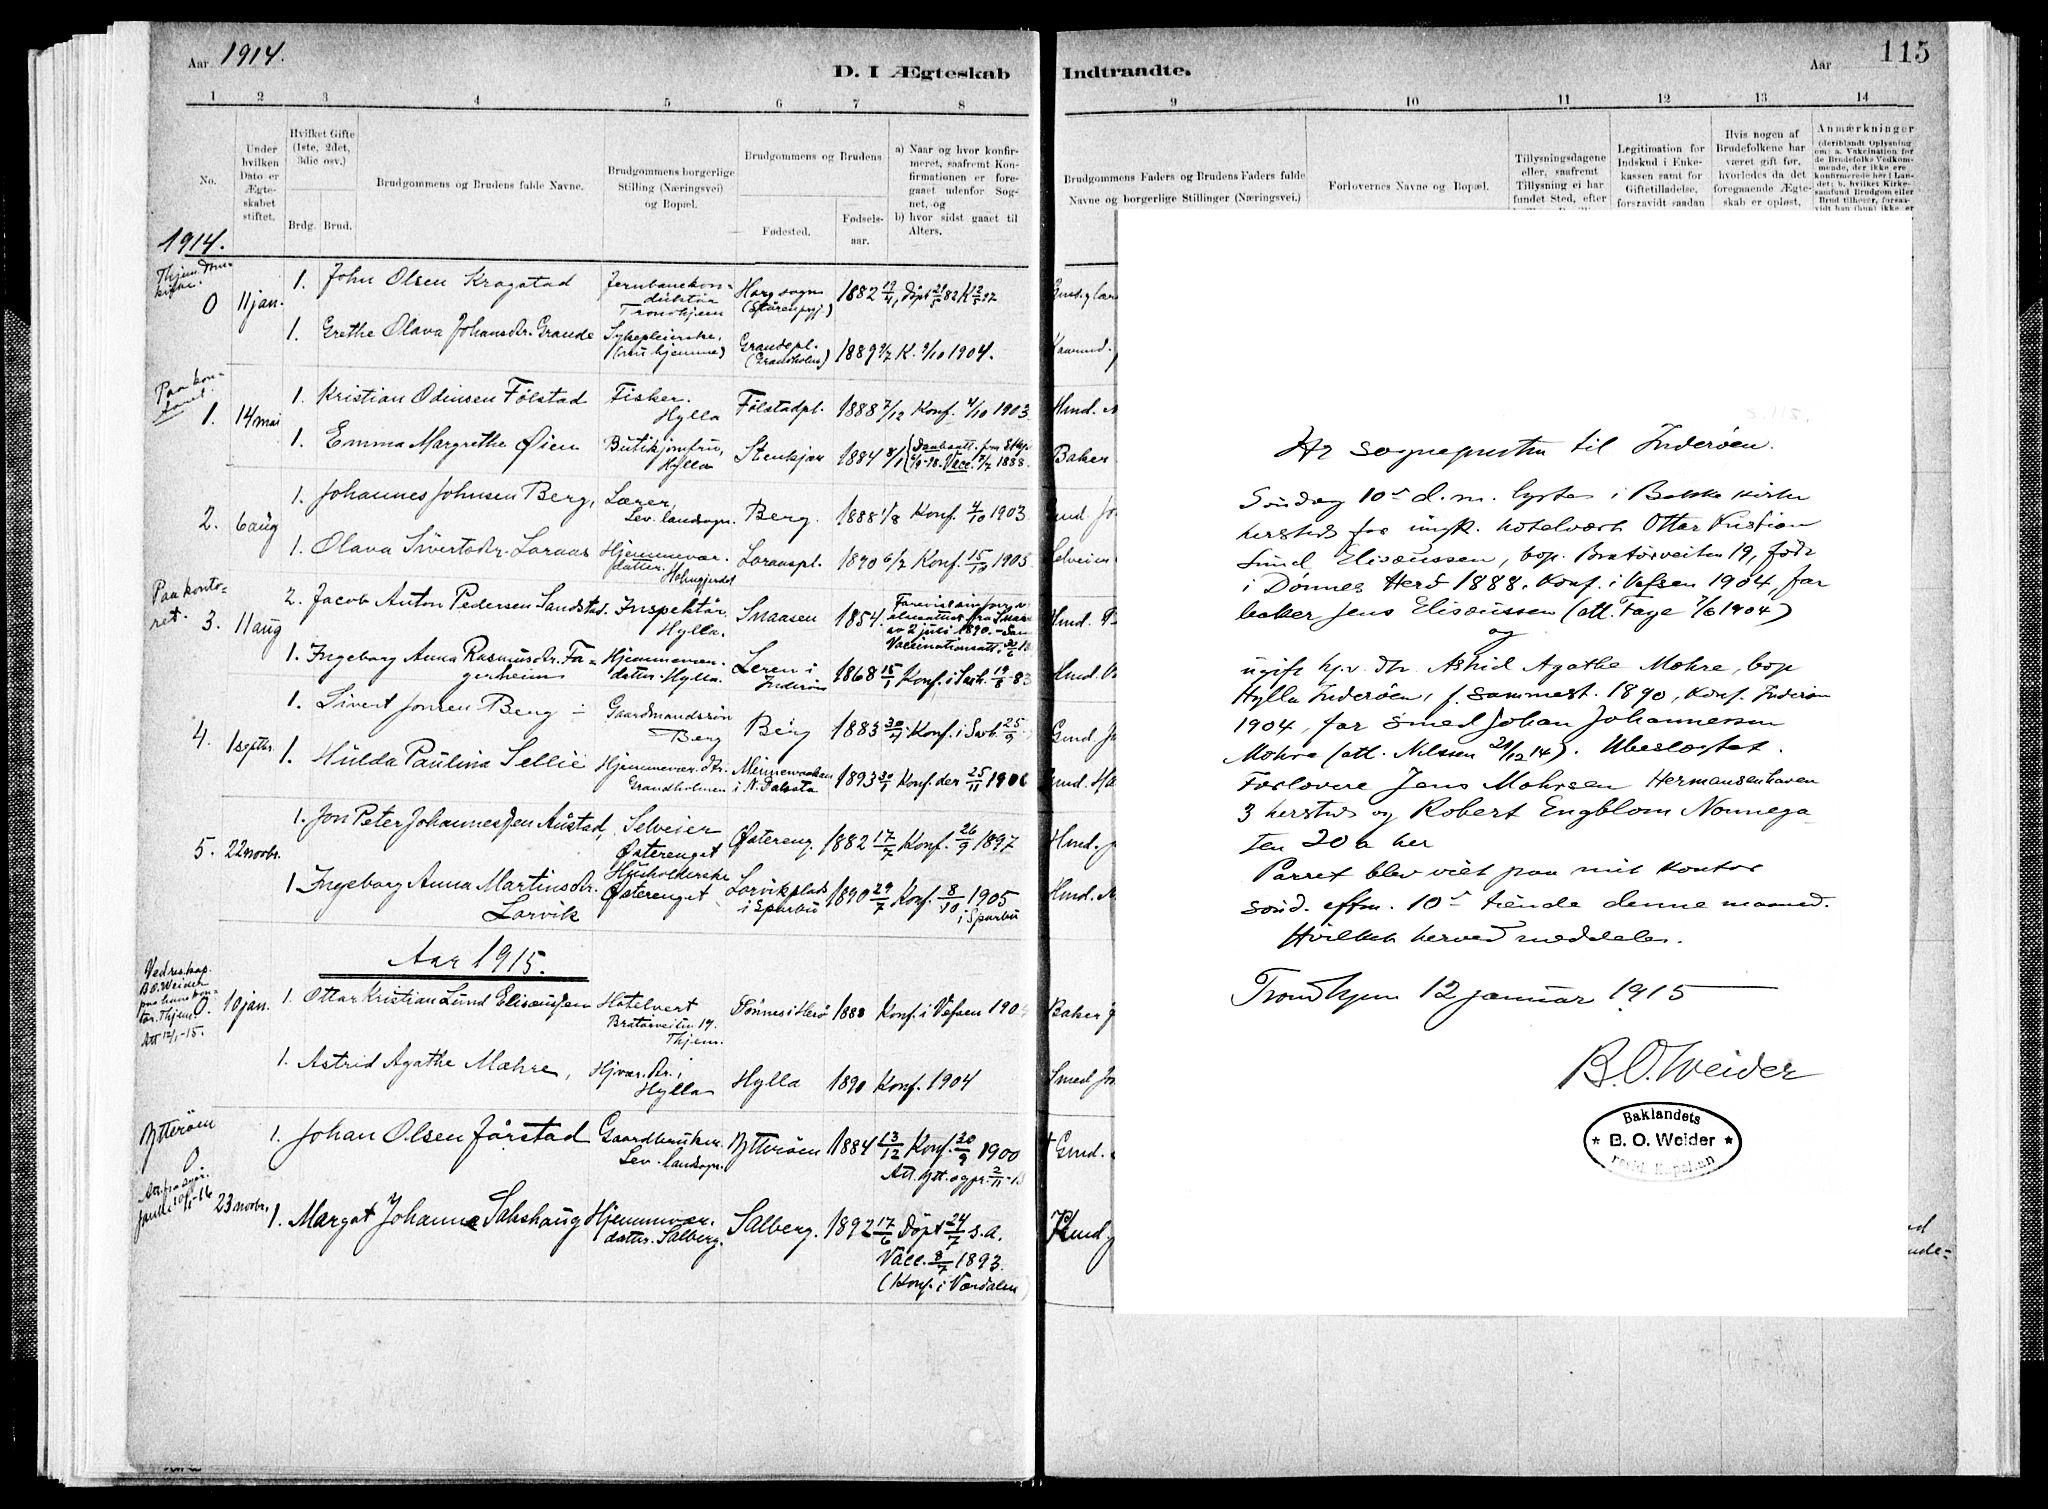 SAT, Ministerialprotokoller, klokkerbøker og fødselsregistre - Nord-Trøndelag, 731/L0309: Ministerialbok nr. 731A01, 1879-1918, s. 115